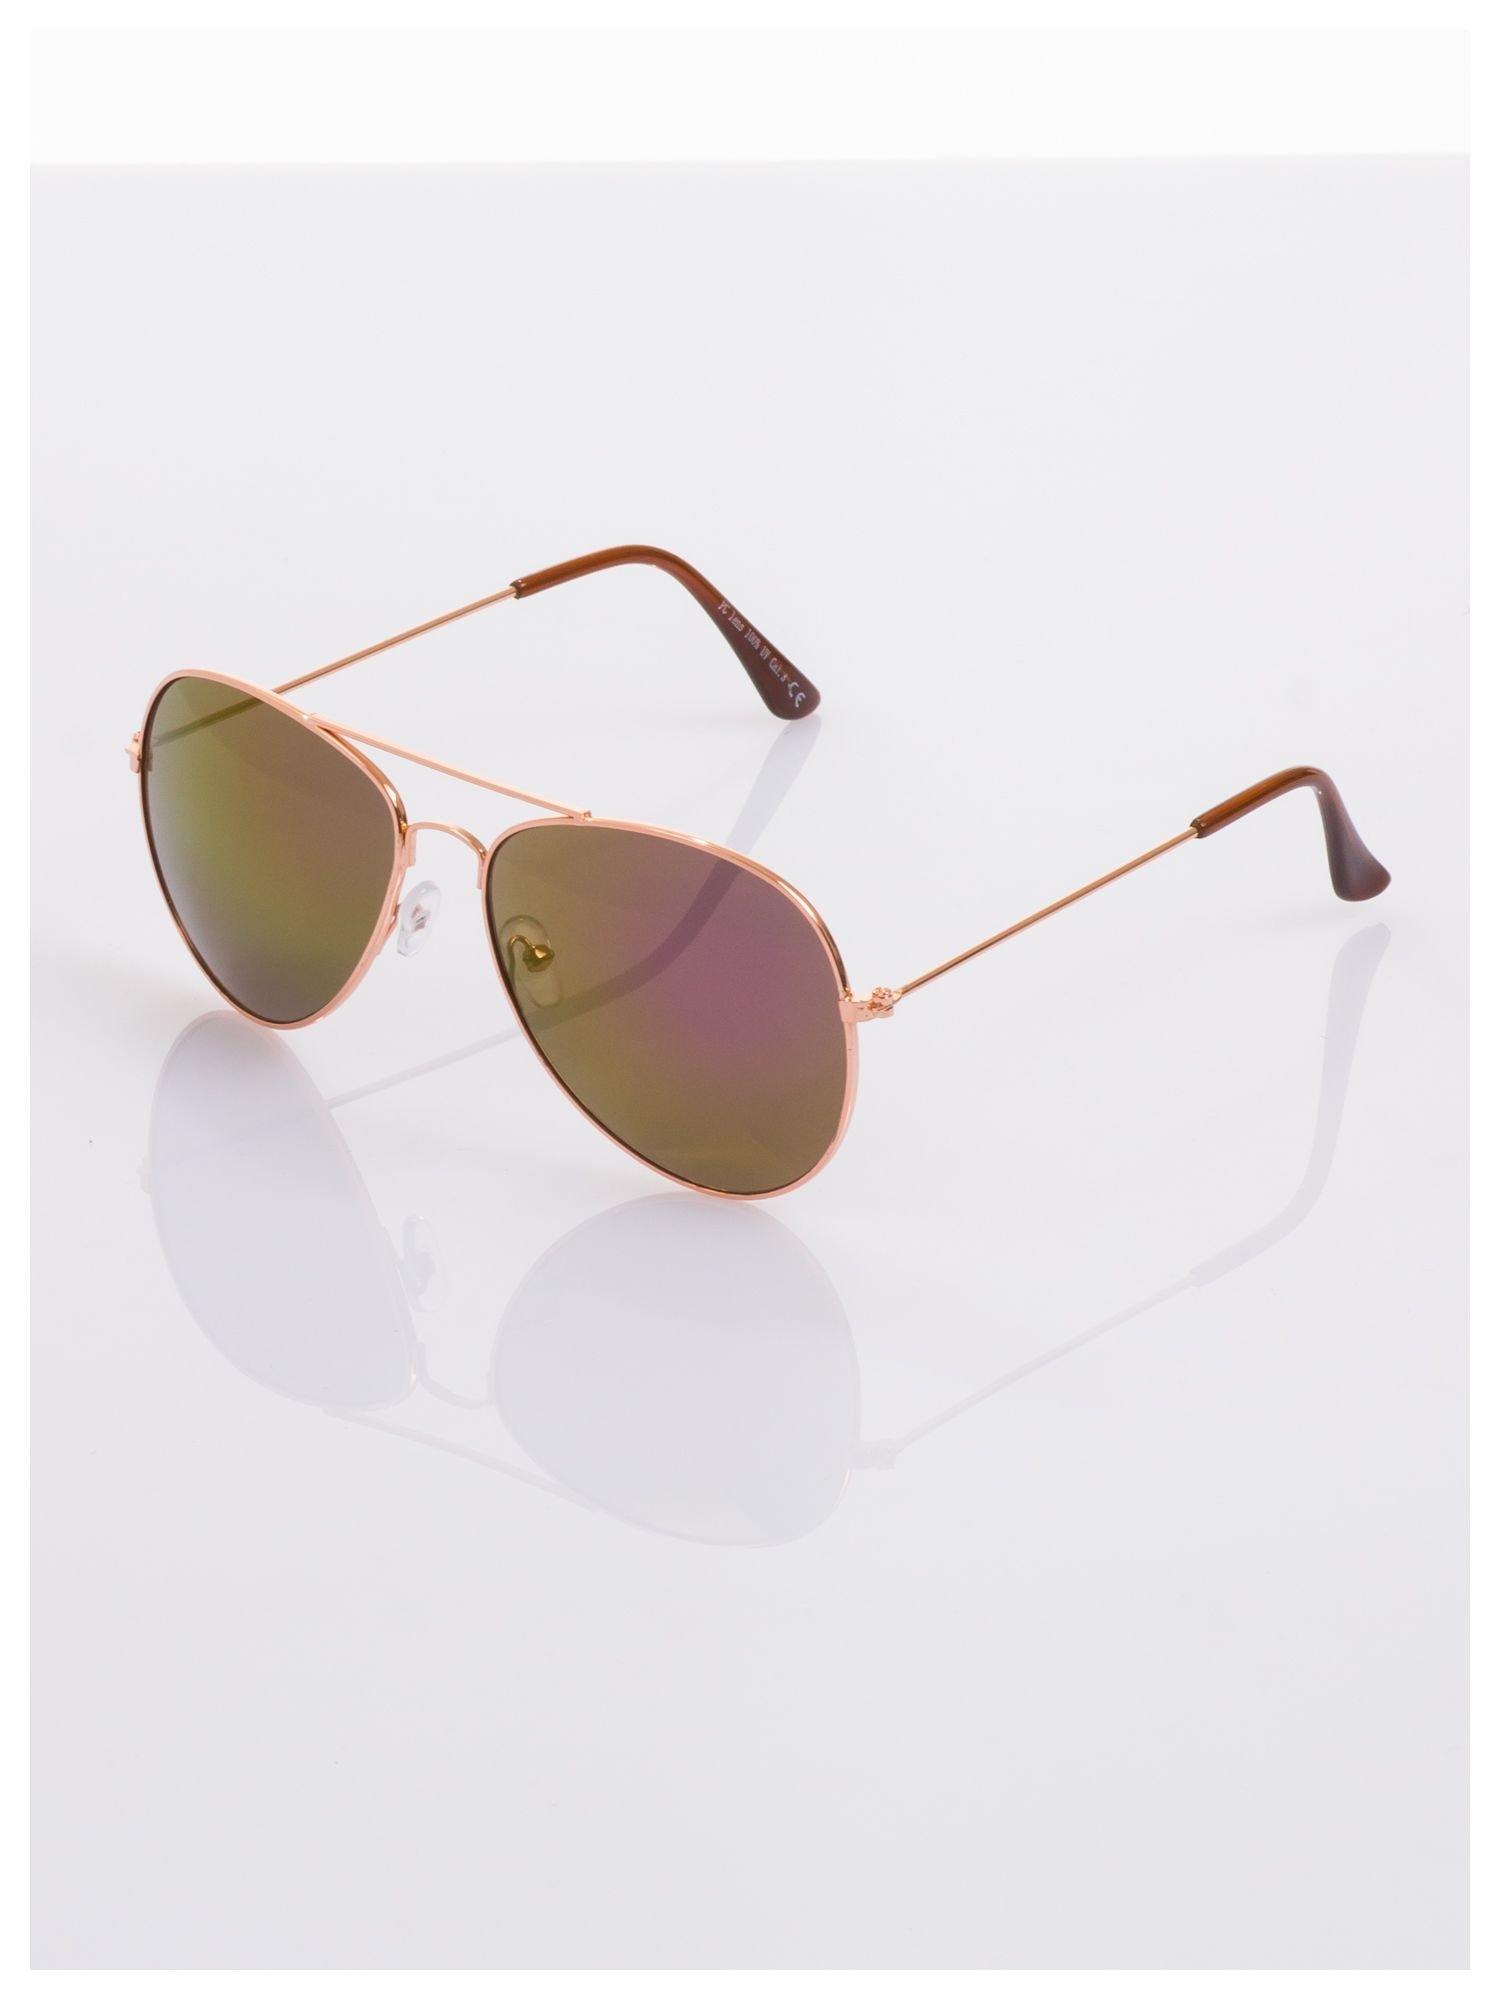 Fioletowe okulary przeciwsłoneczne pilotki AVIATORY                                  zdj.                                  3